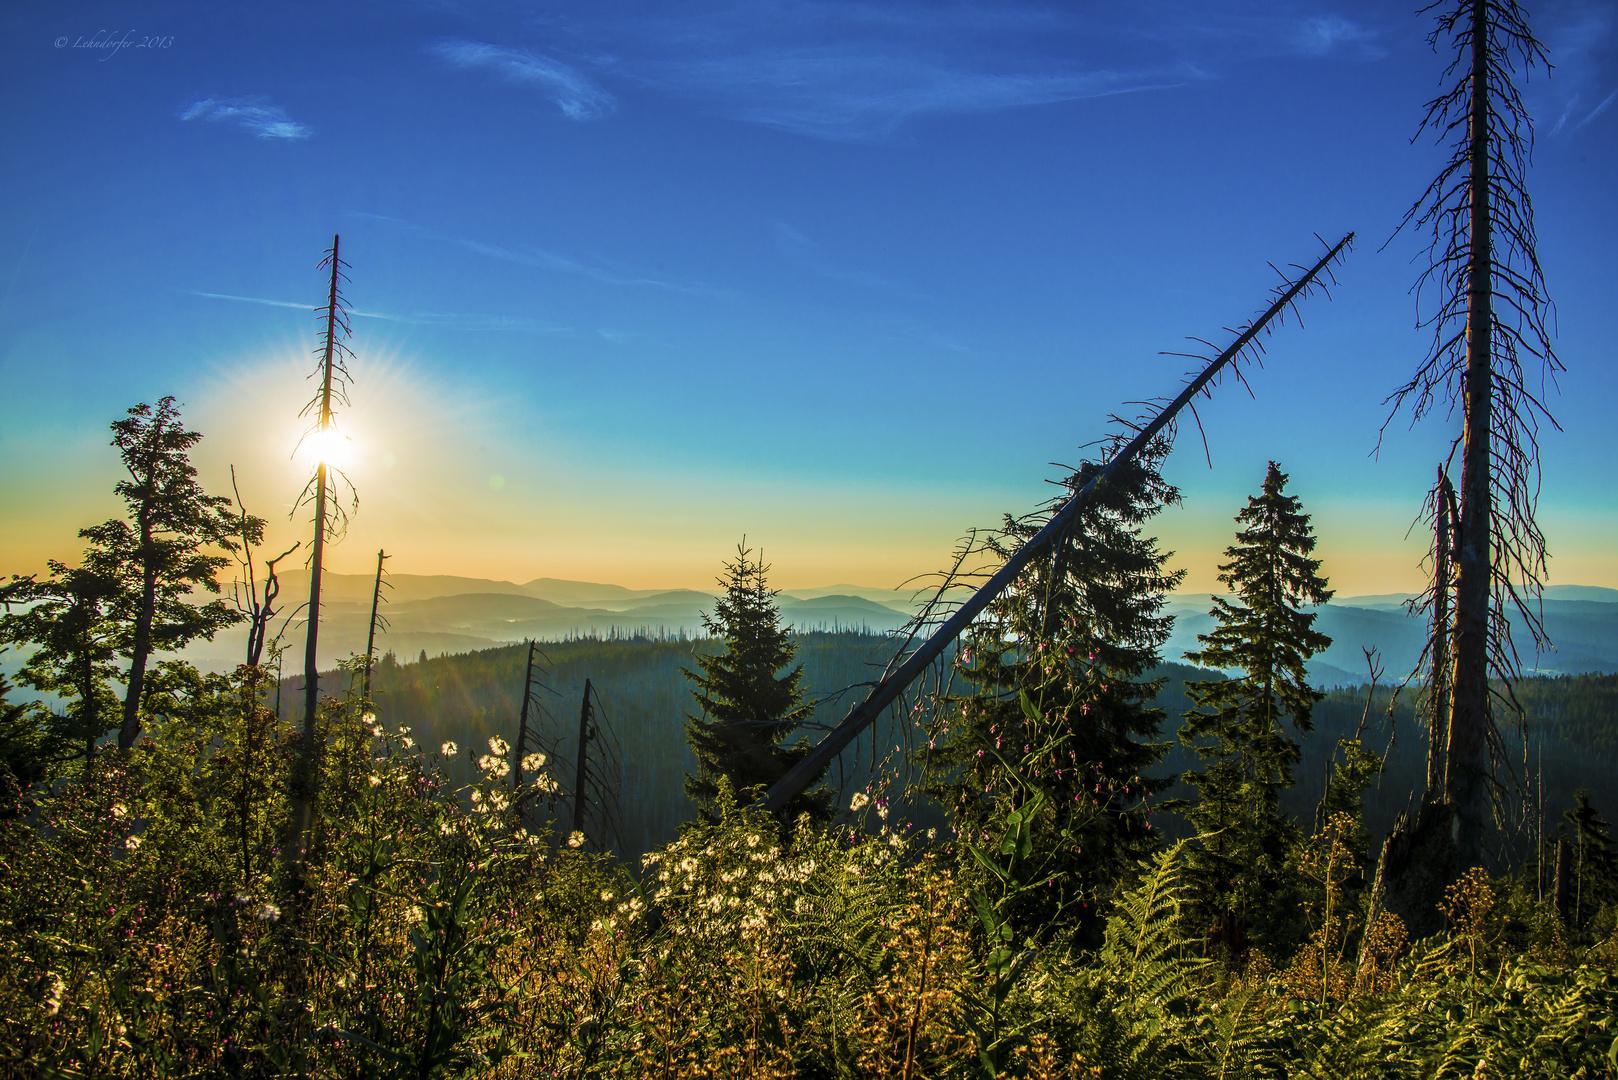 Sonnenaufgang im Nationalpark Bayerischer Wald